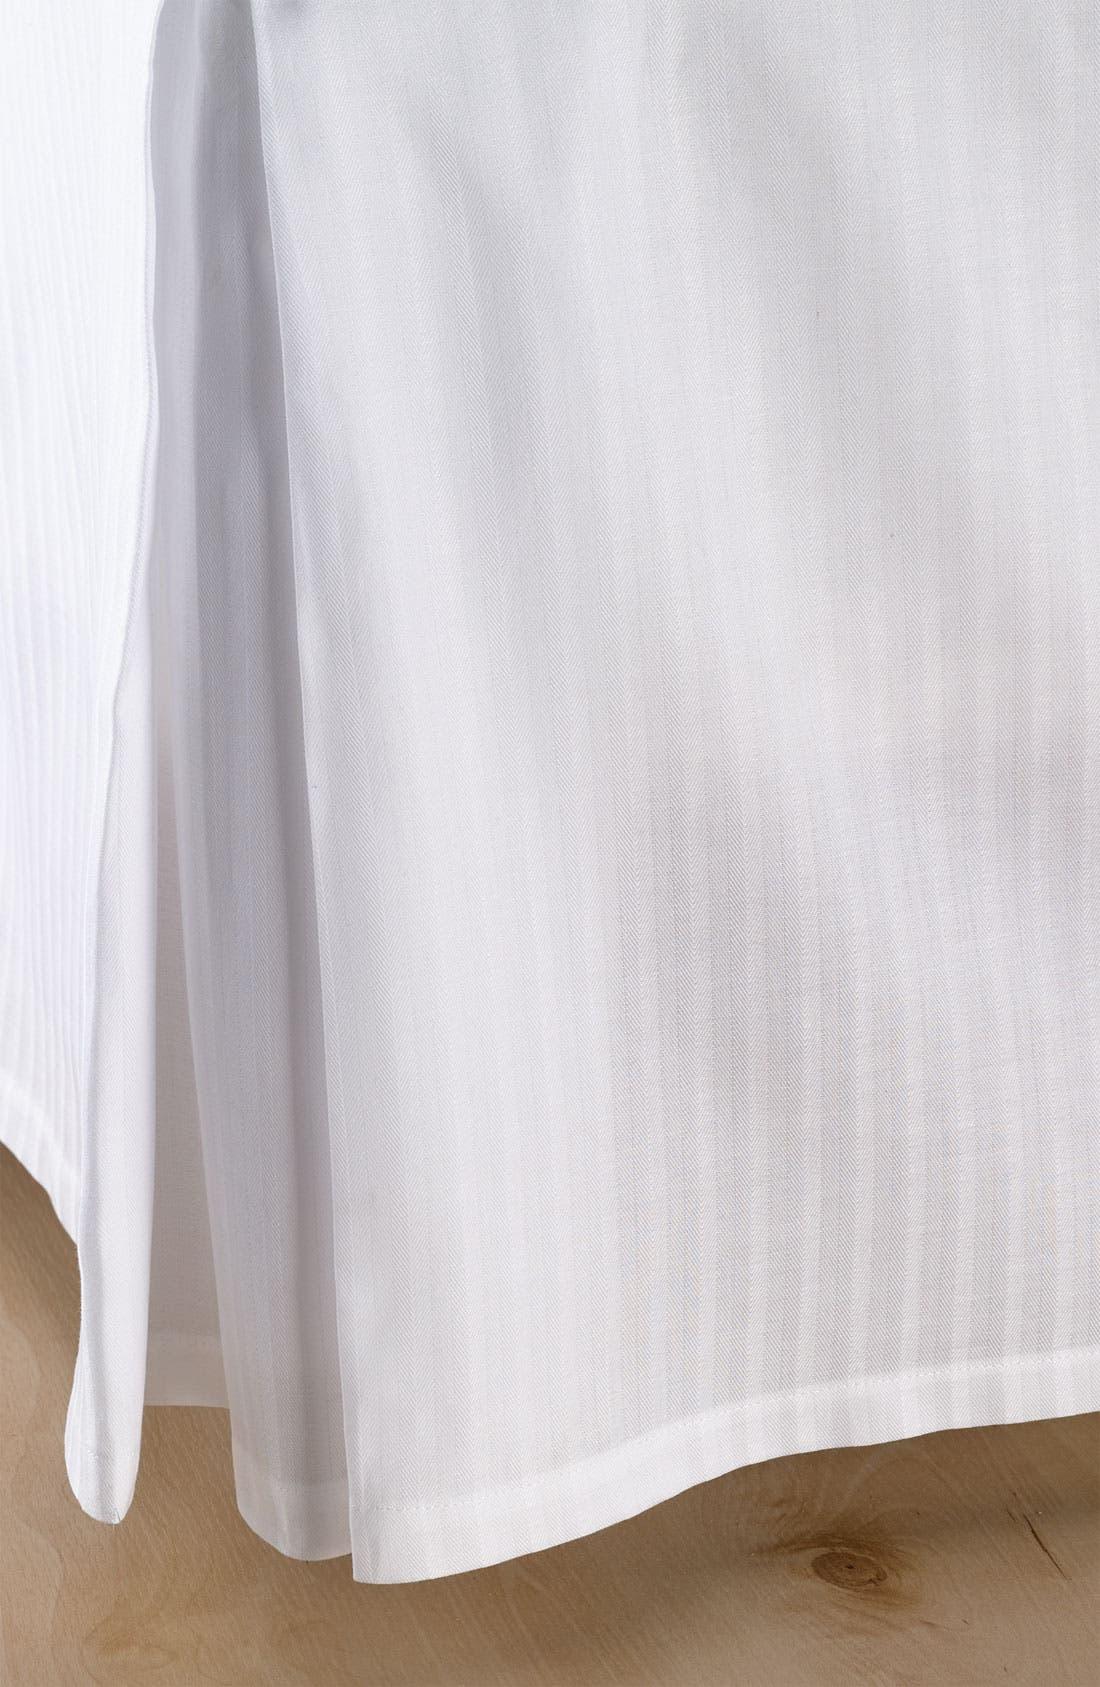 Main Image - Westin At Home Bed Skirt